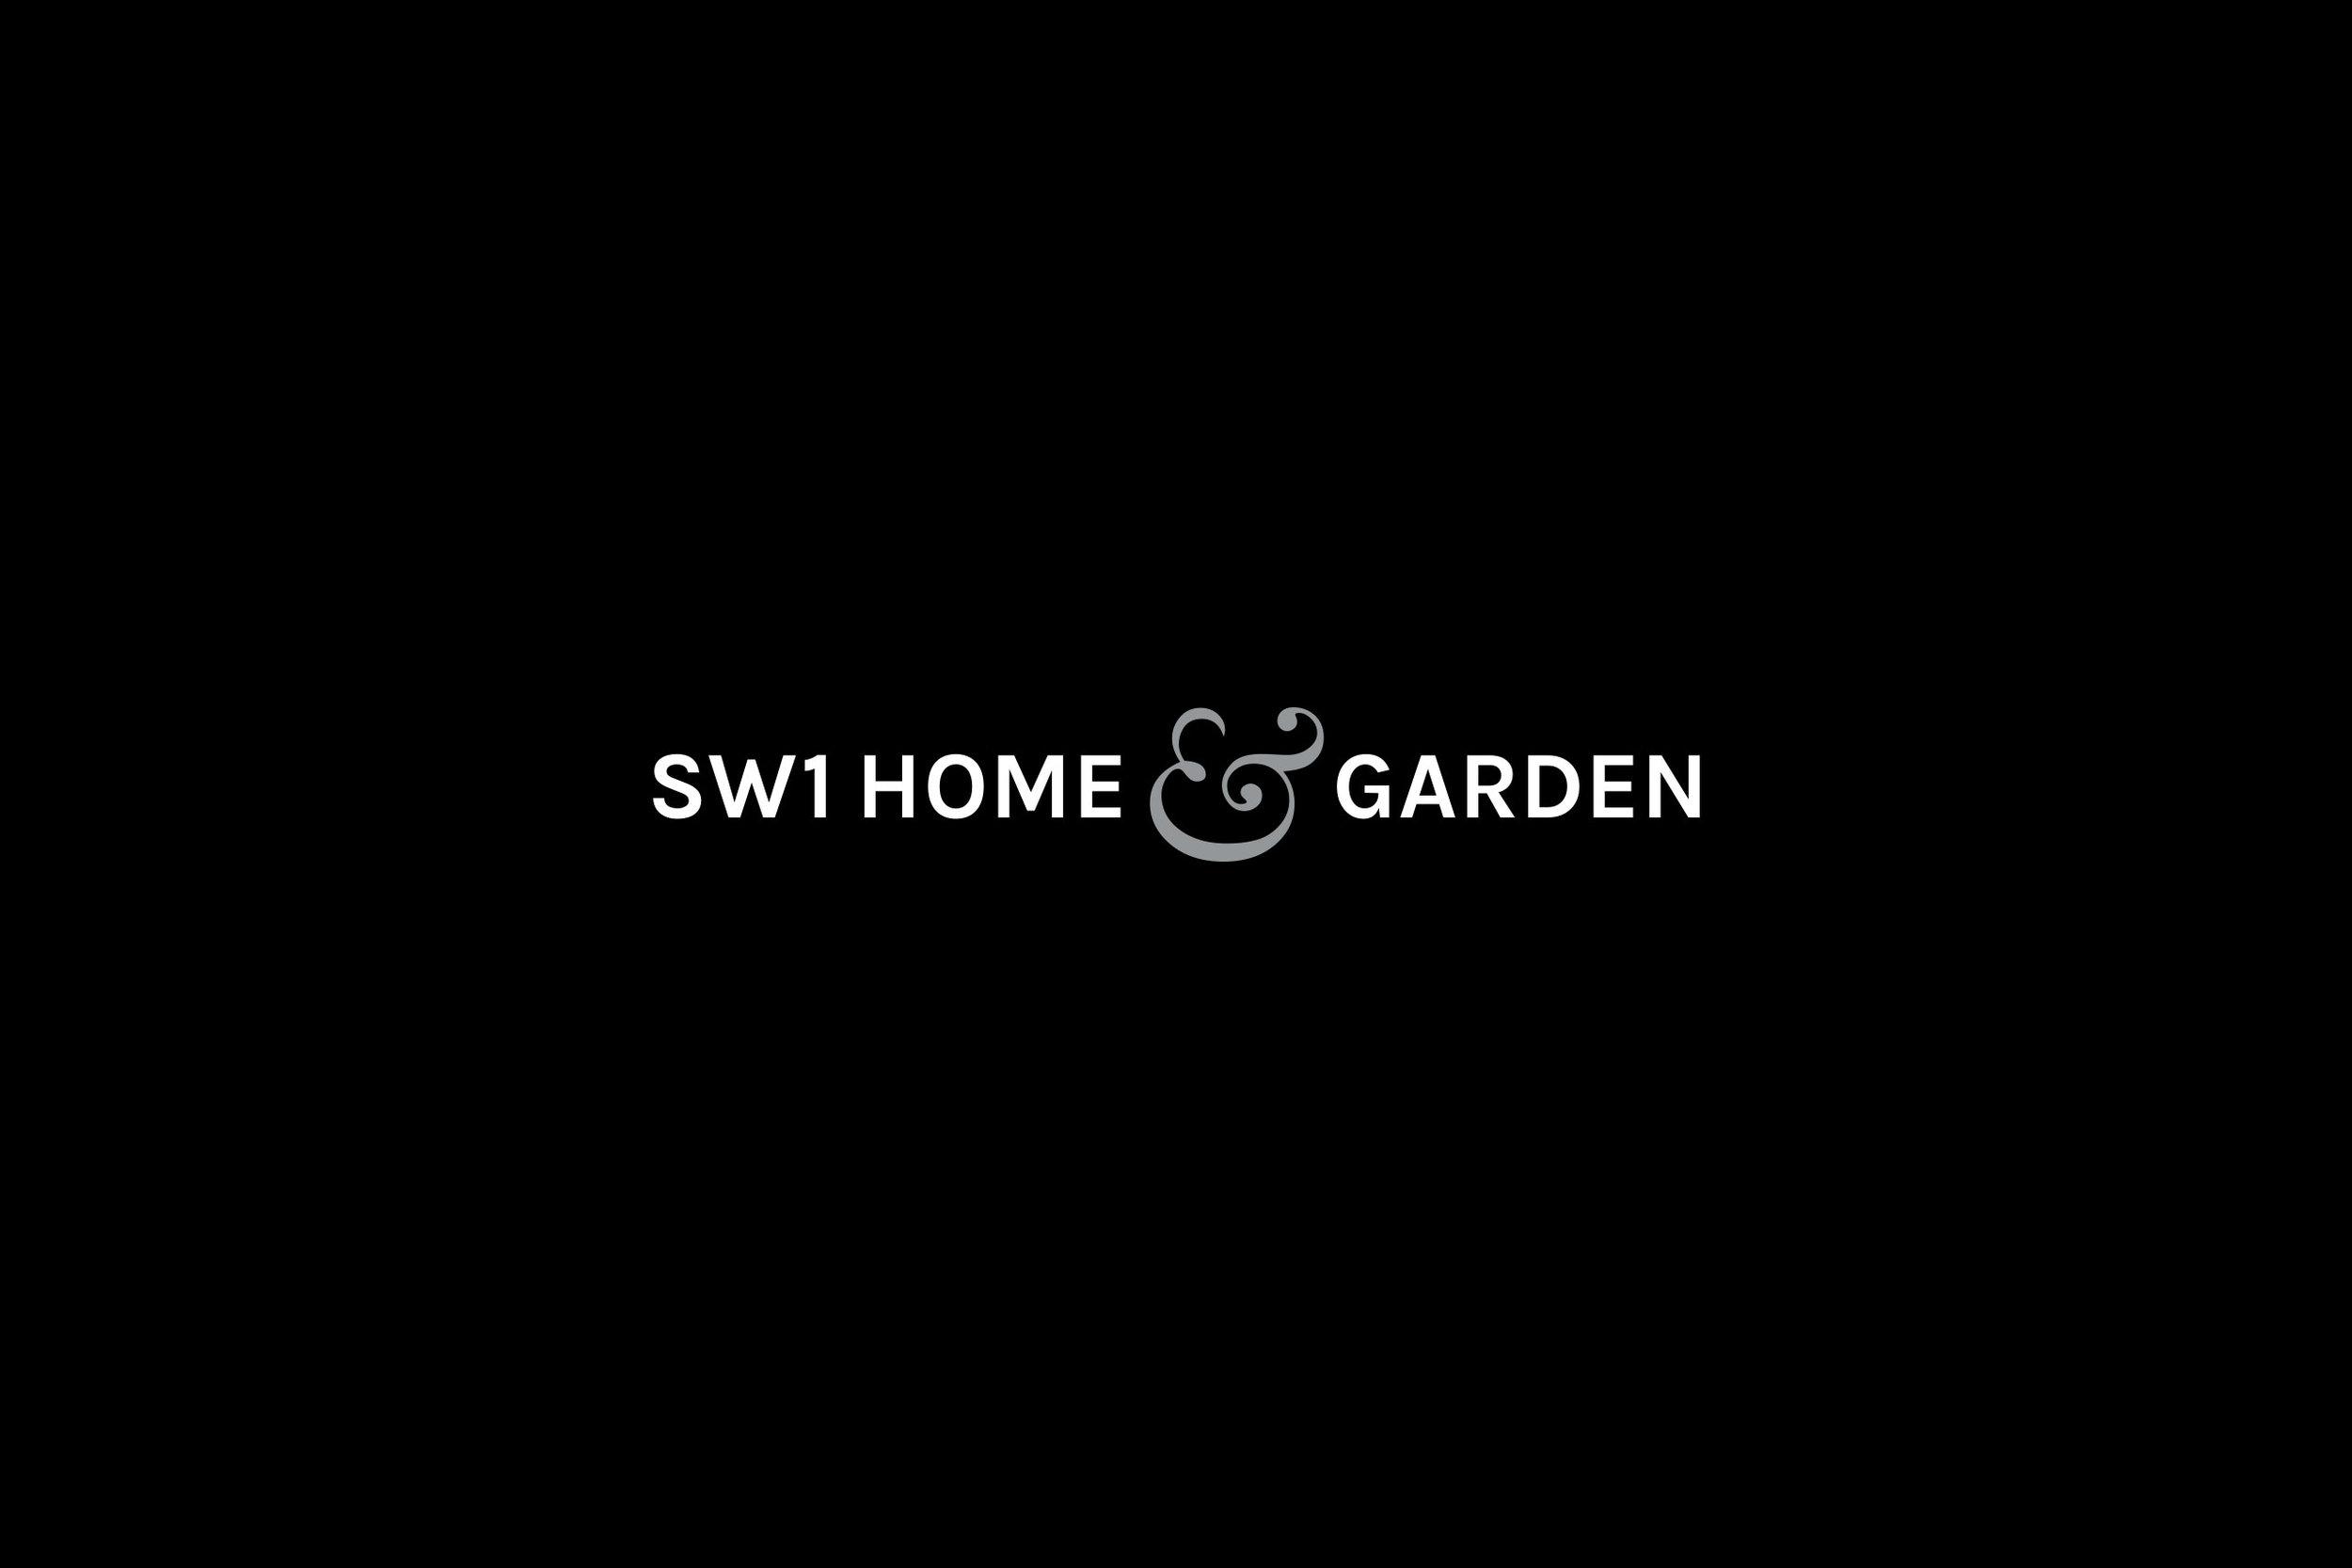 Logo branding design for SW1 Home & Garden London